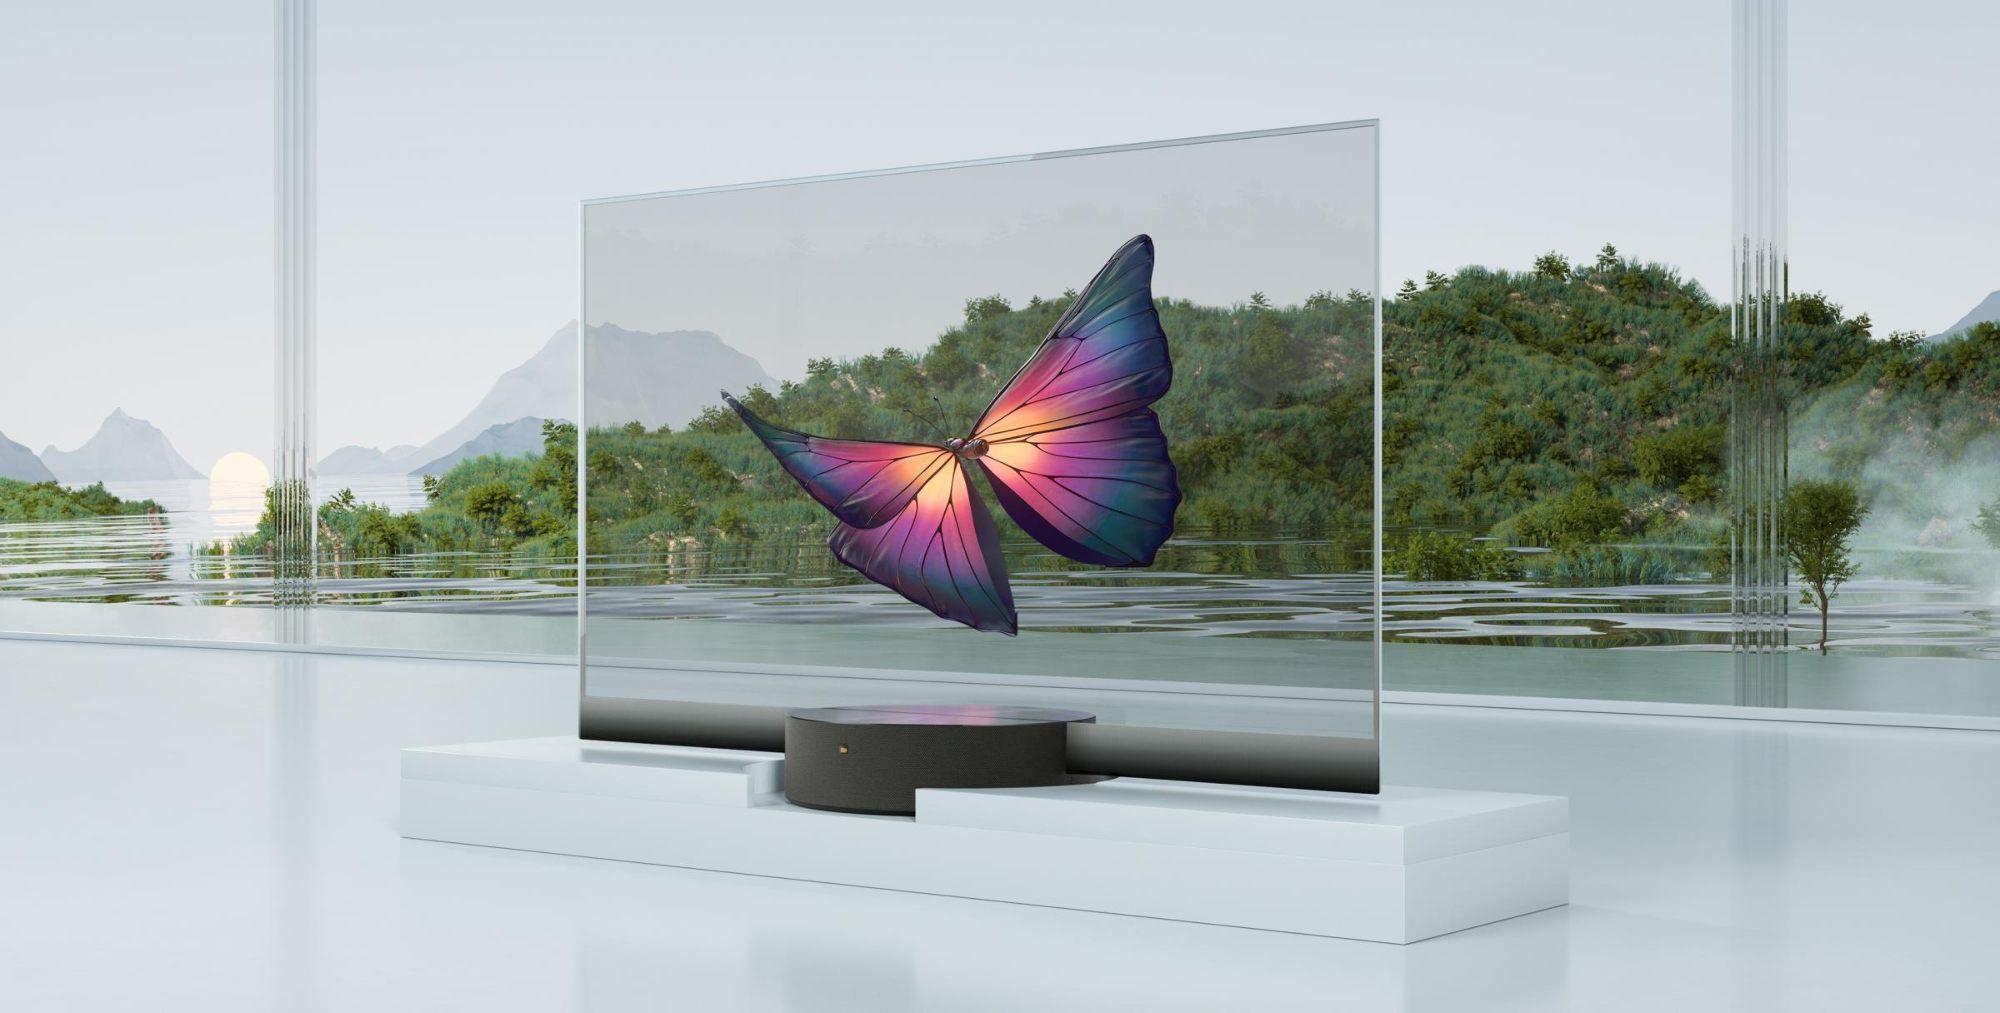 xiaomi television transparente | Business Insider México